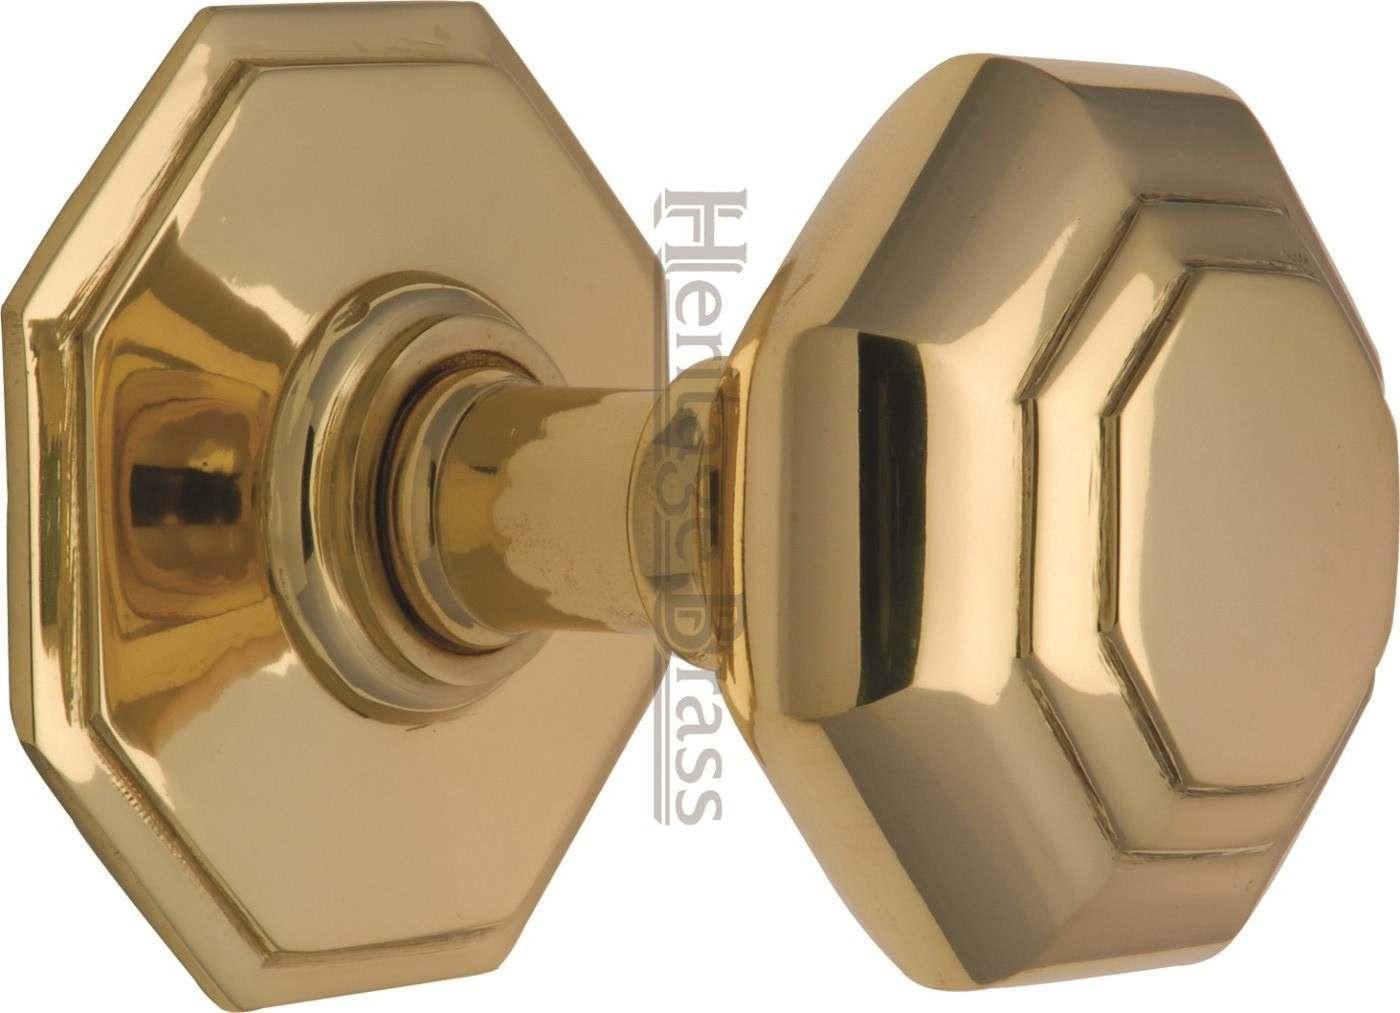 octagonal door knob photo - 20